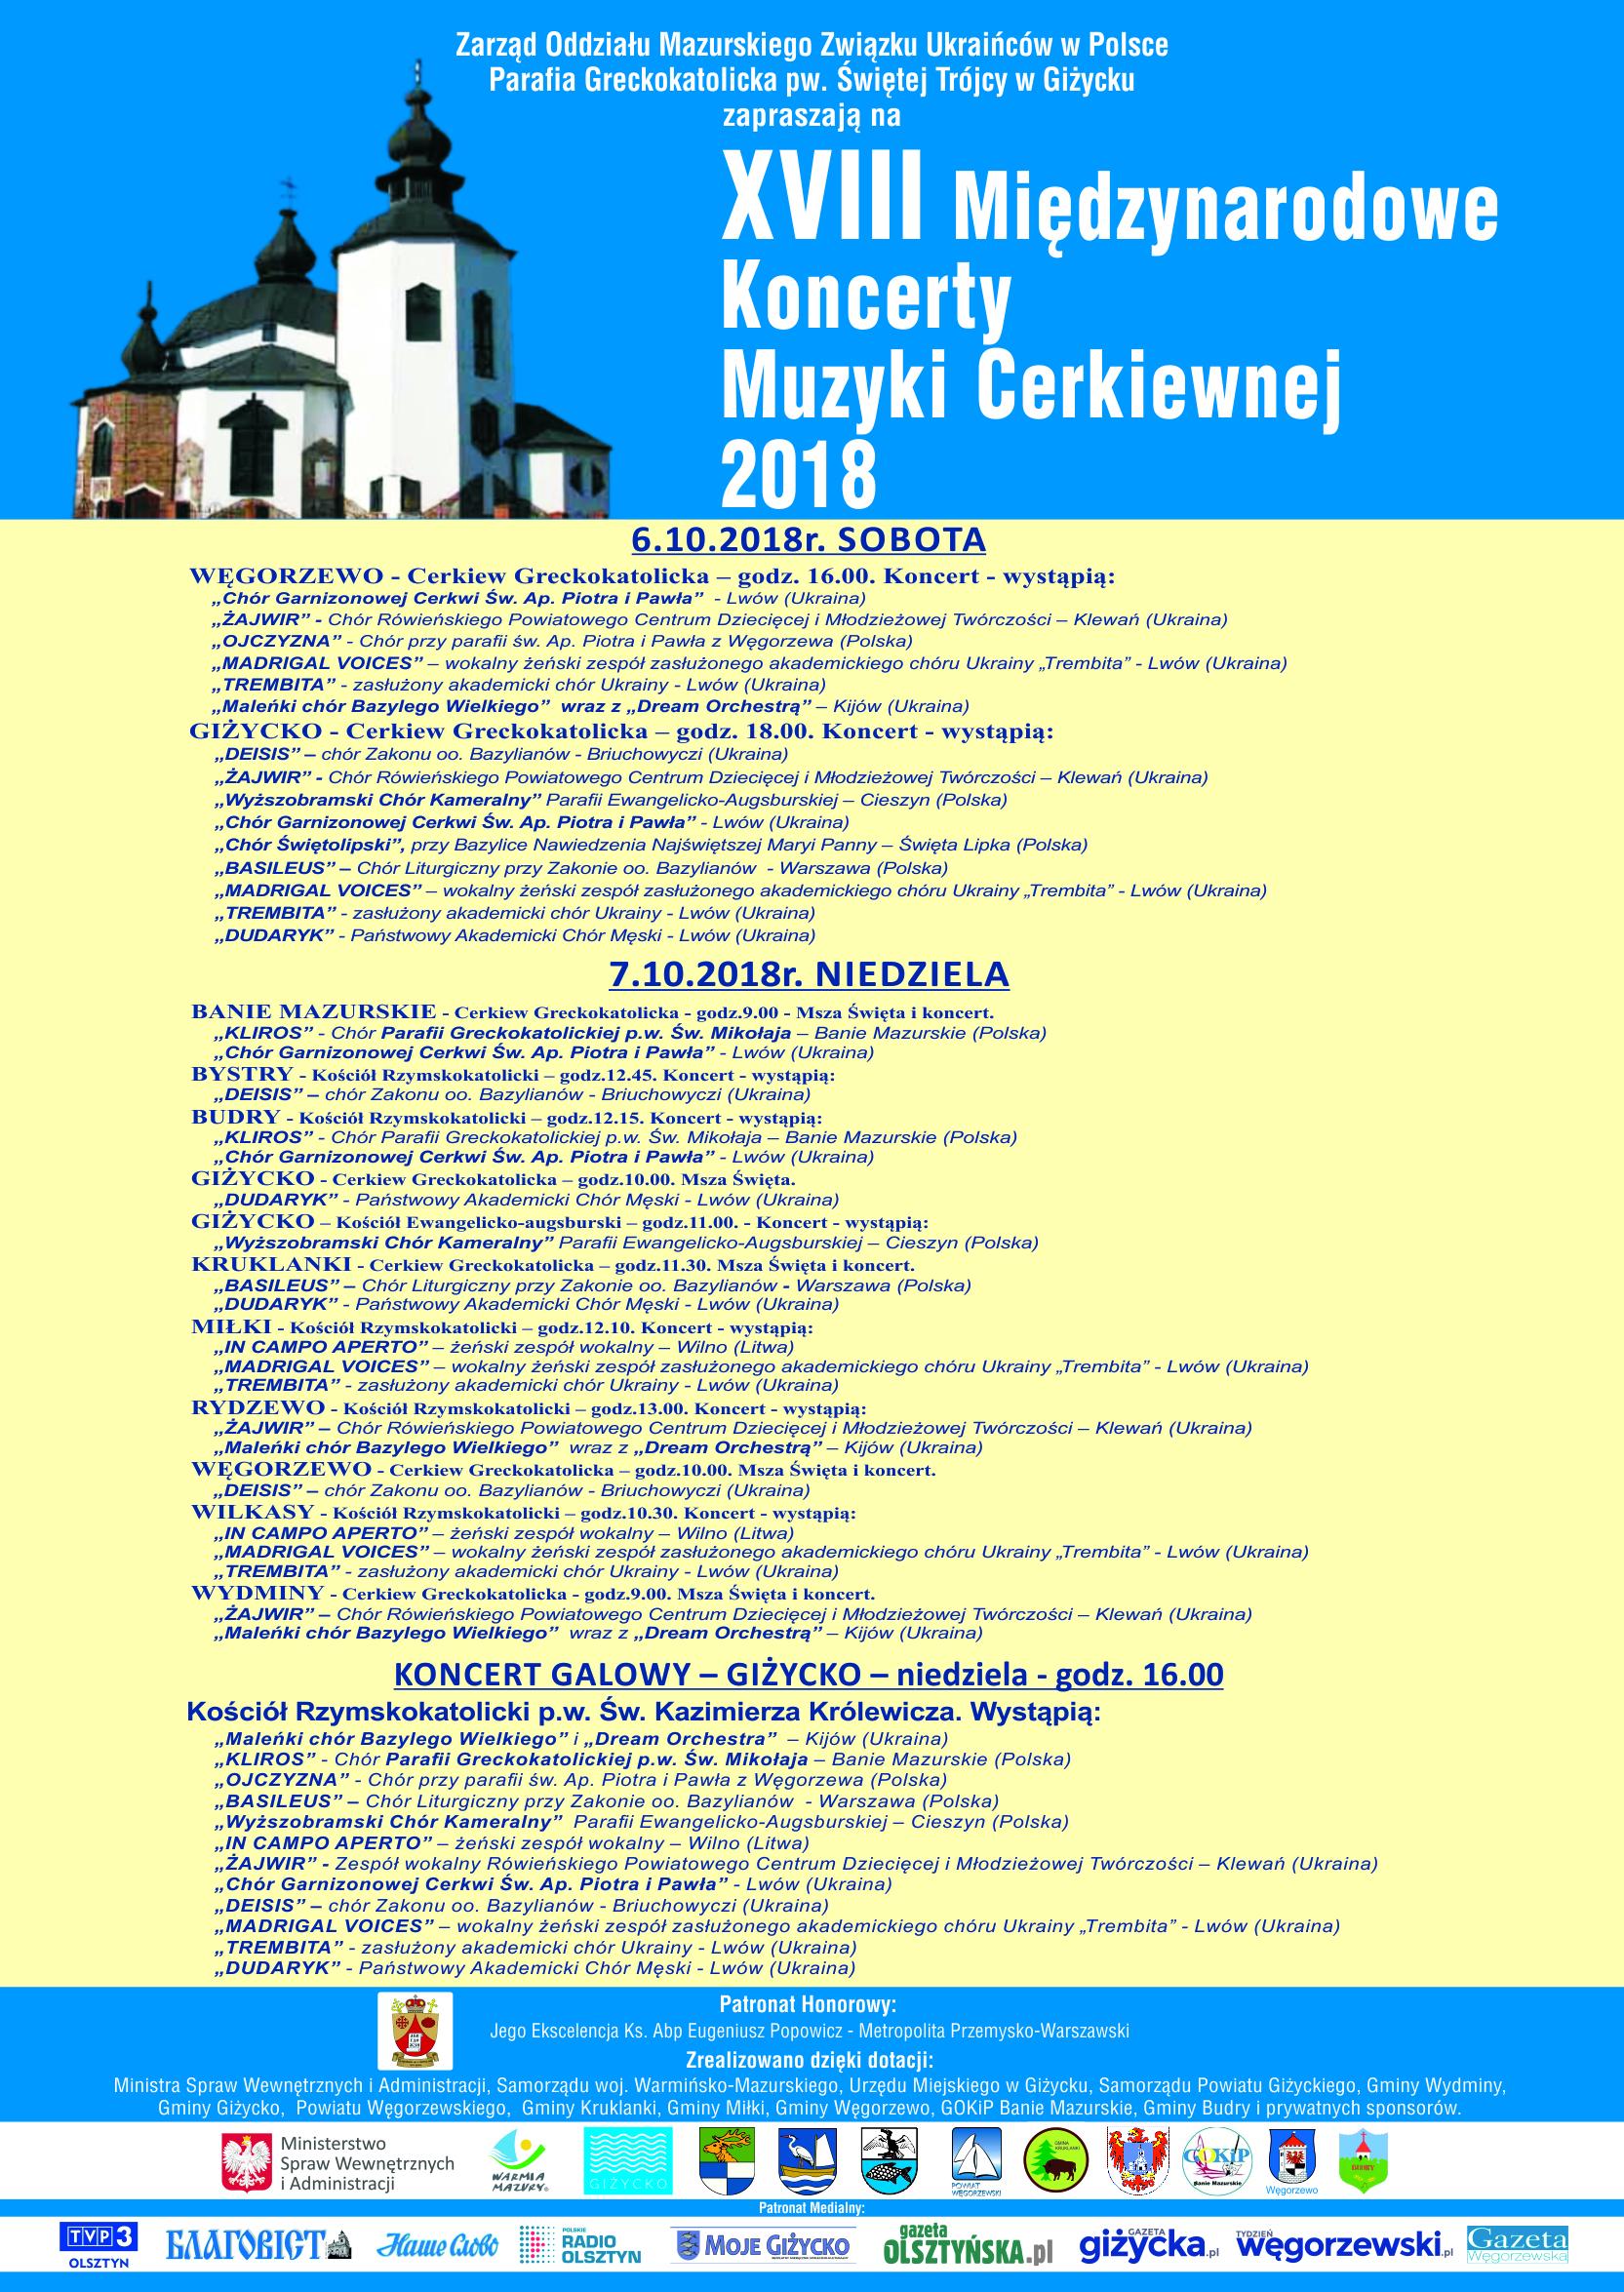 XVIII Międzynarodowe Koncerty Muzyki Cerkiewnej